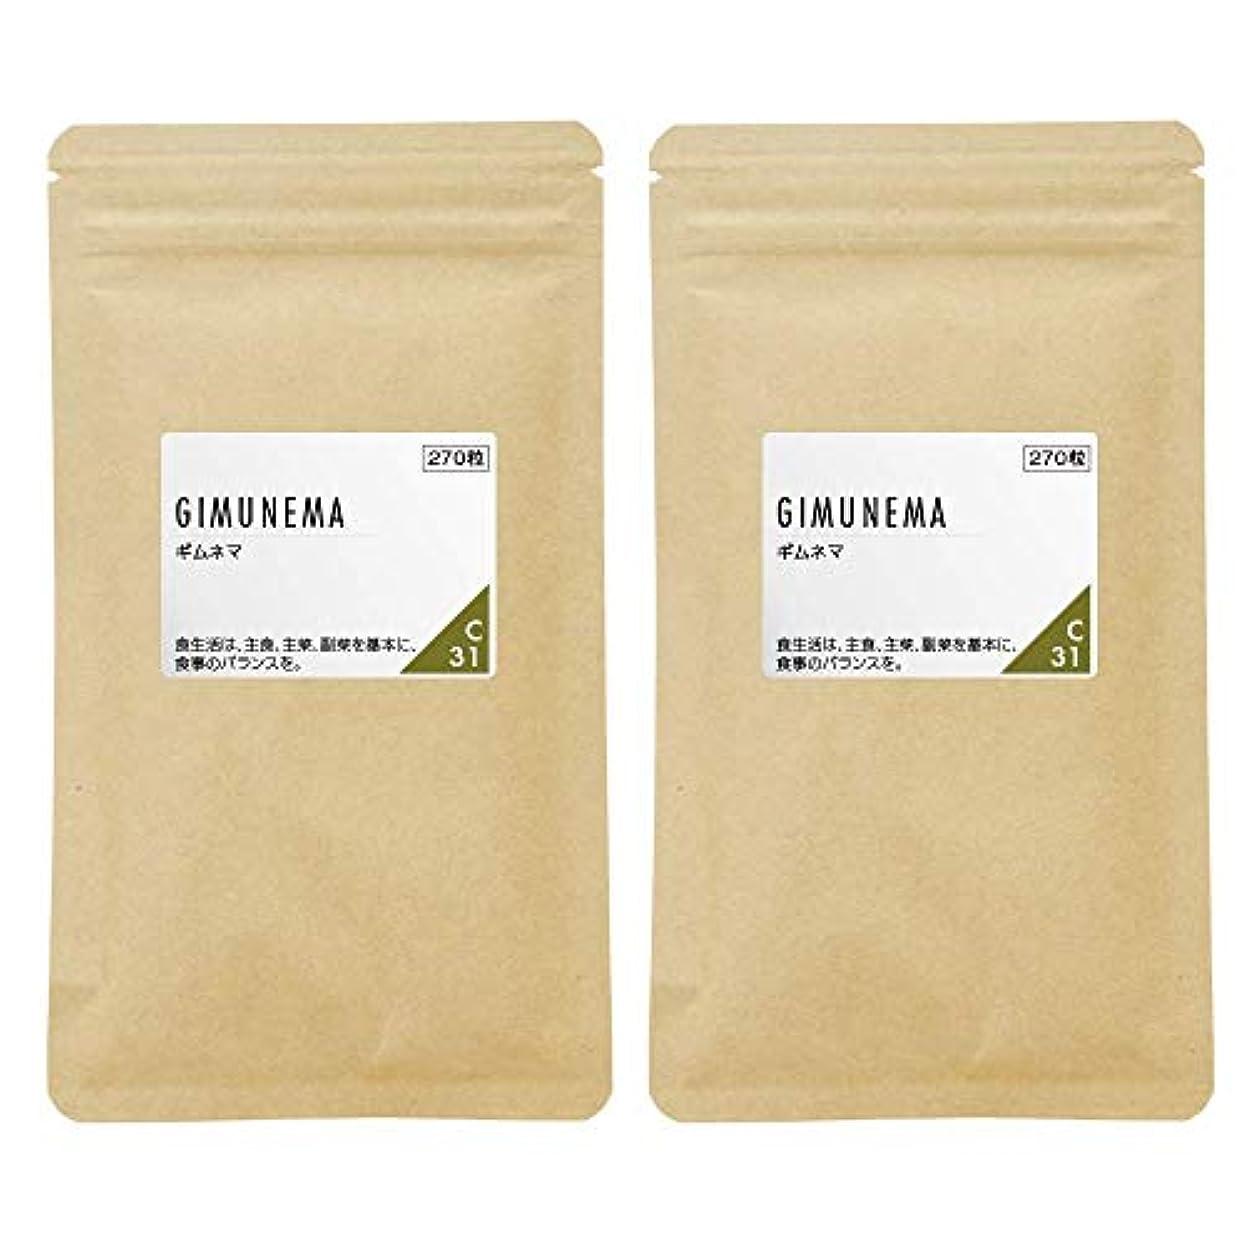 意図的平衡誠実nichie ギムネマ サプリメント 約6ヶ月分(270粒×2袋)